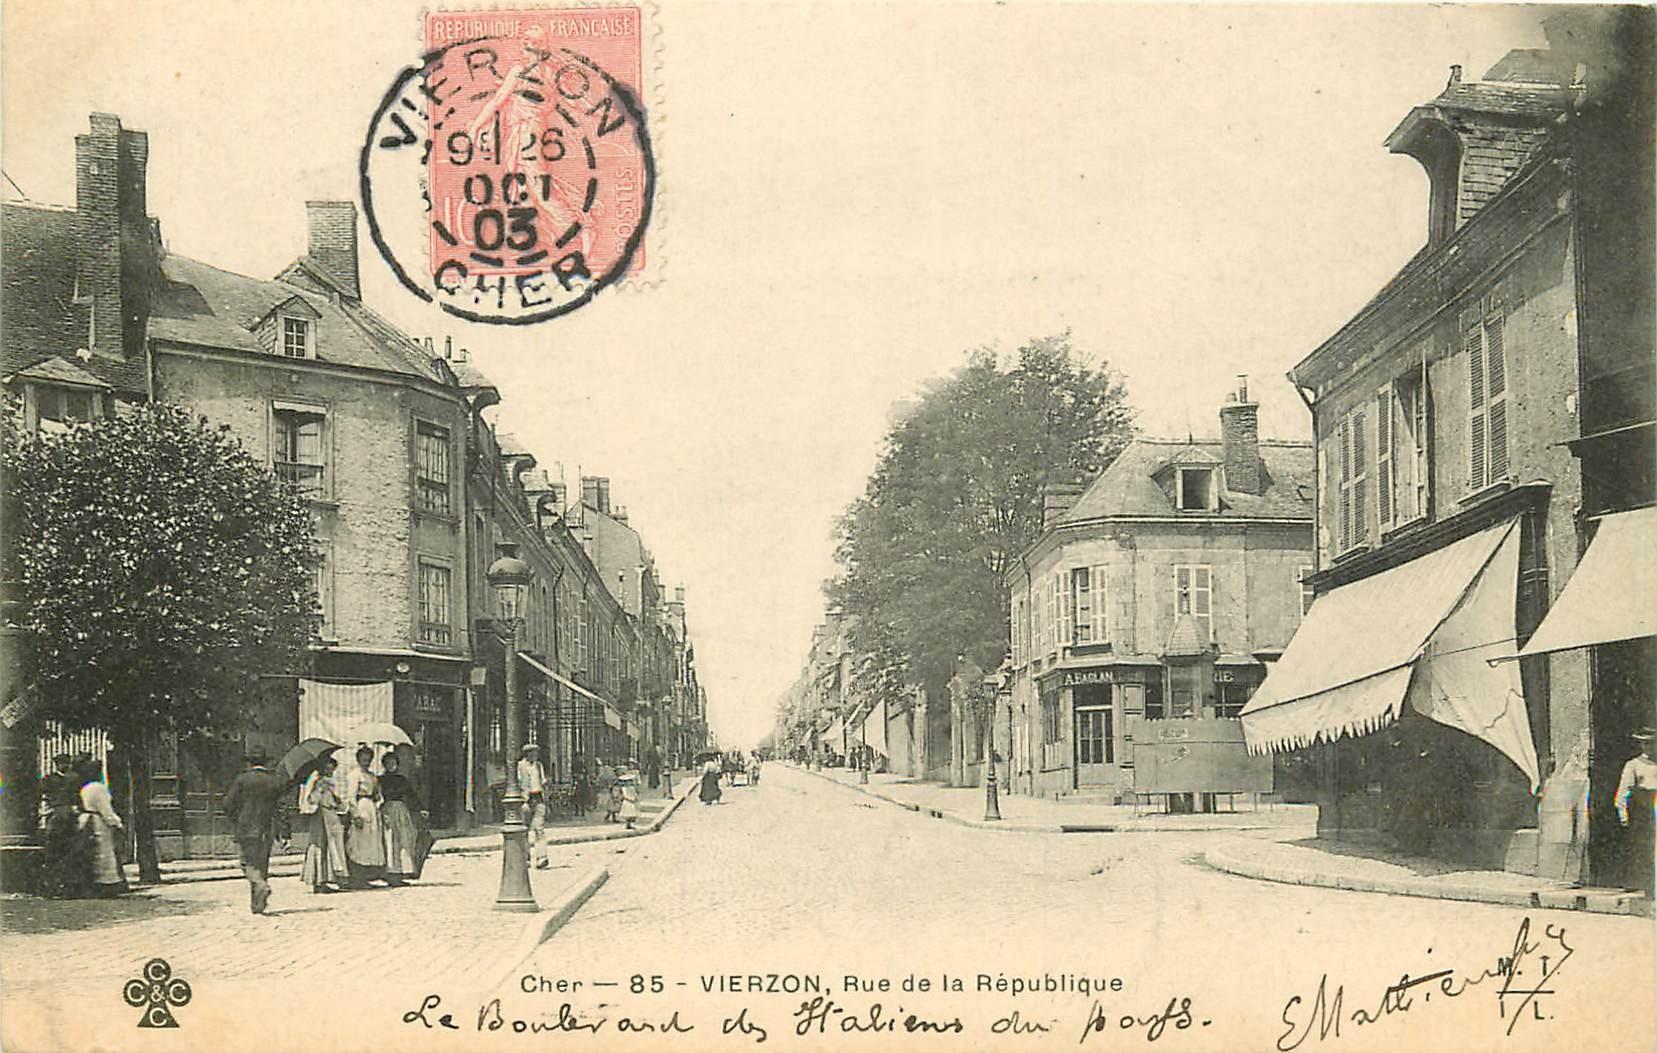 18 VIERZON. Rue de la République 1903 avec Tabac et vespasiennes